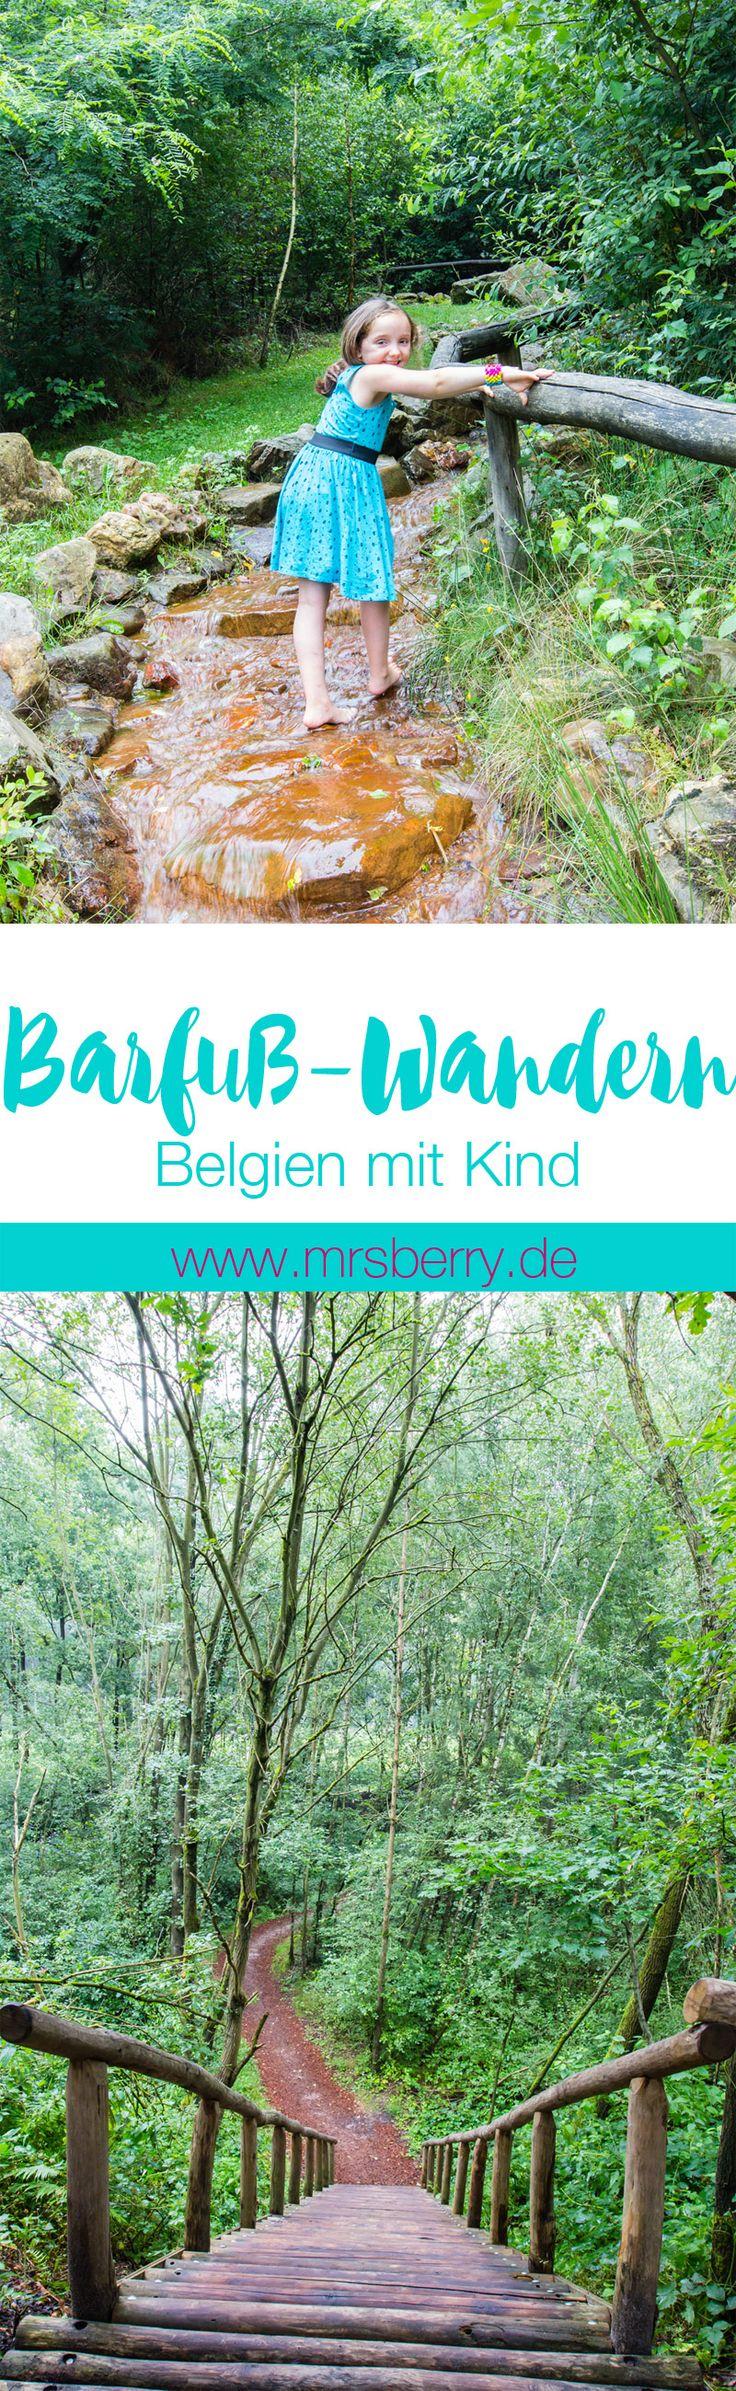 Belgien mit Kind - Ein tolles Ausflugsziel ist der 2 km lange Barfuß-Wanderweg im Nationalpark Hoge Kempen in Belgien.